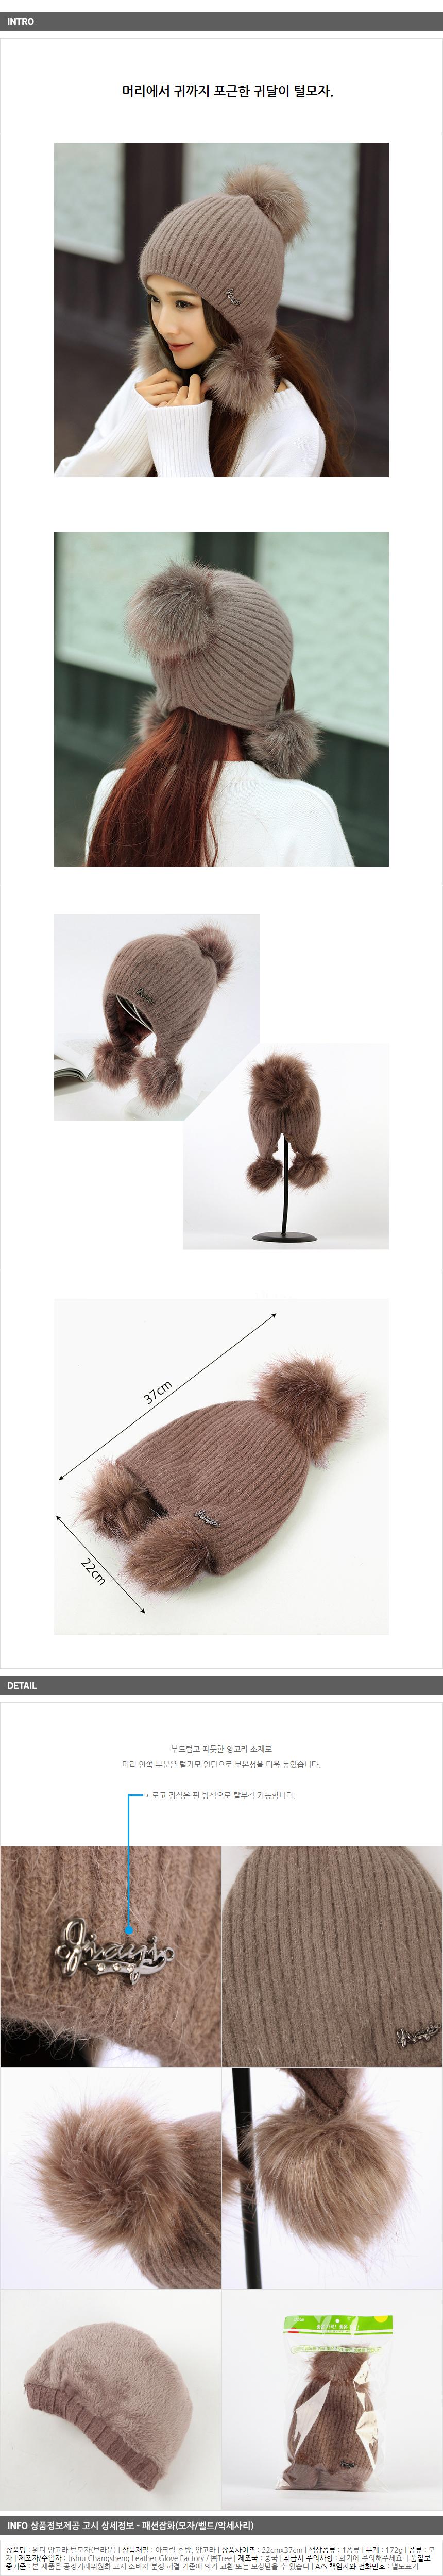 네쥬 앙고라 털모자(브라운) 여성 겨울 방한모자 - 기프트갓, 13,400원, 모자, 비니/털모자